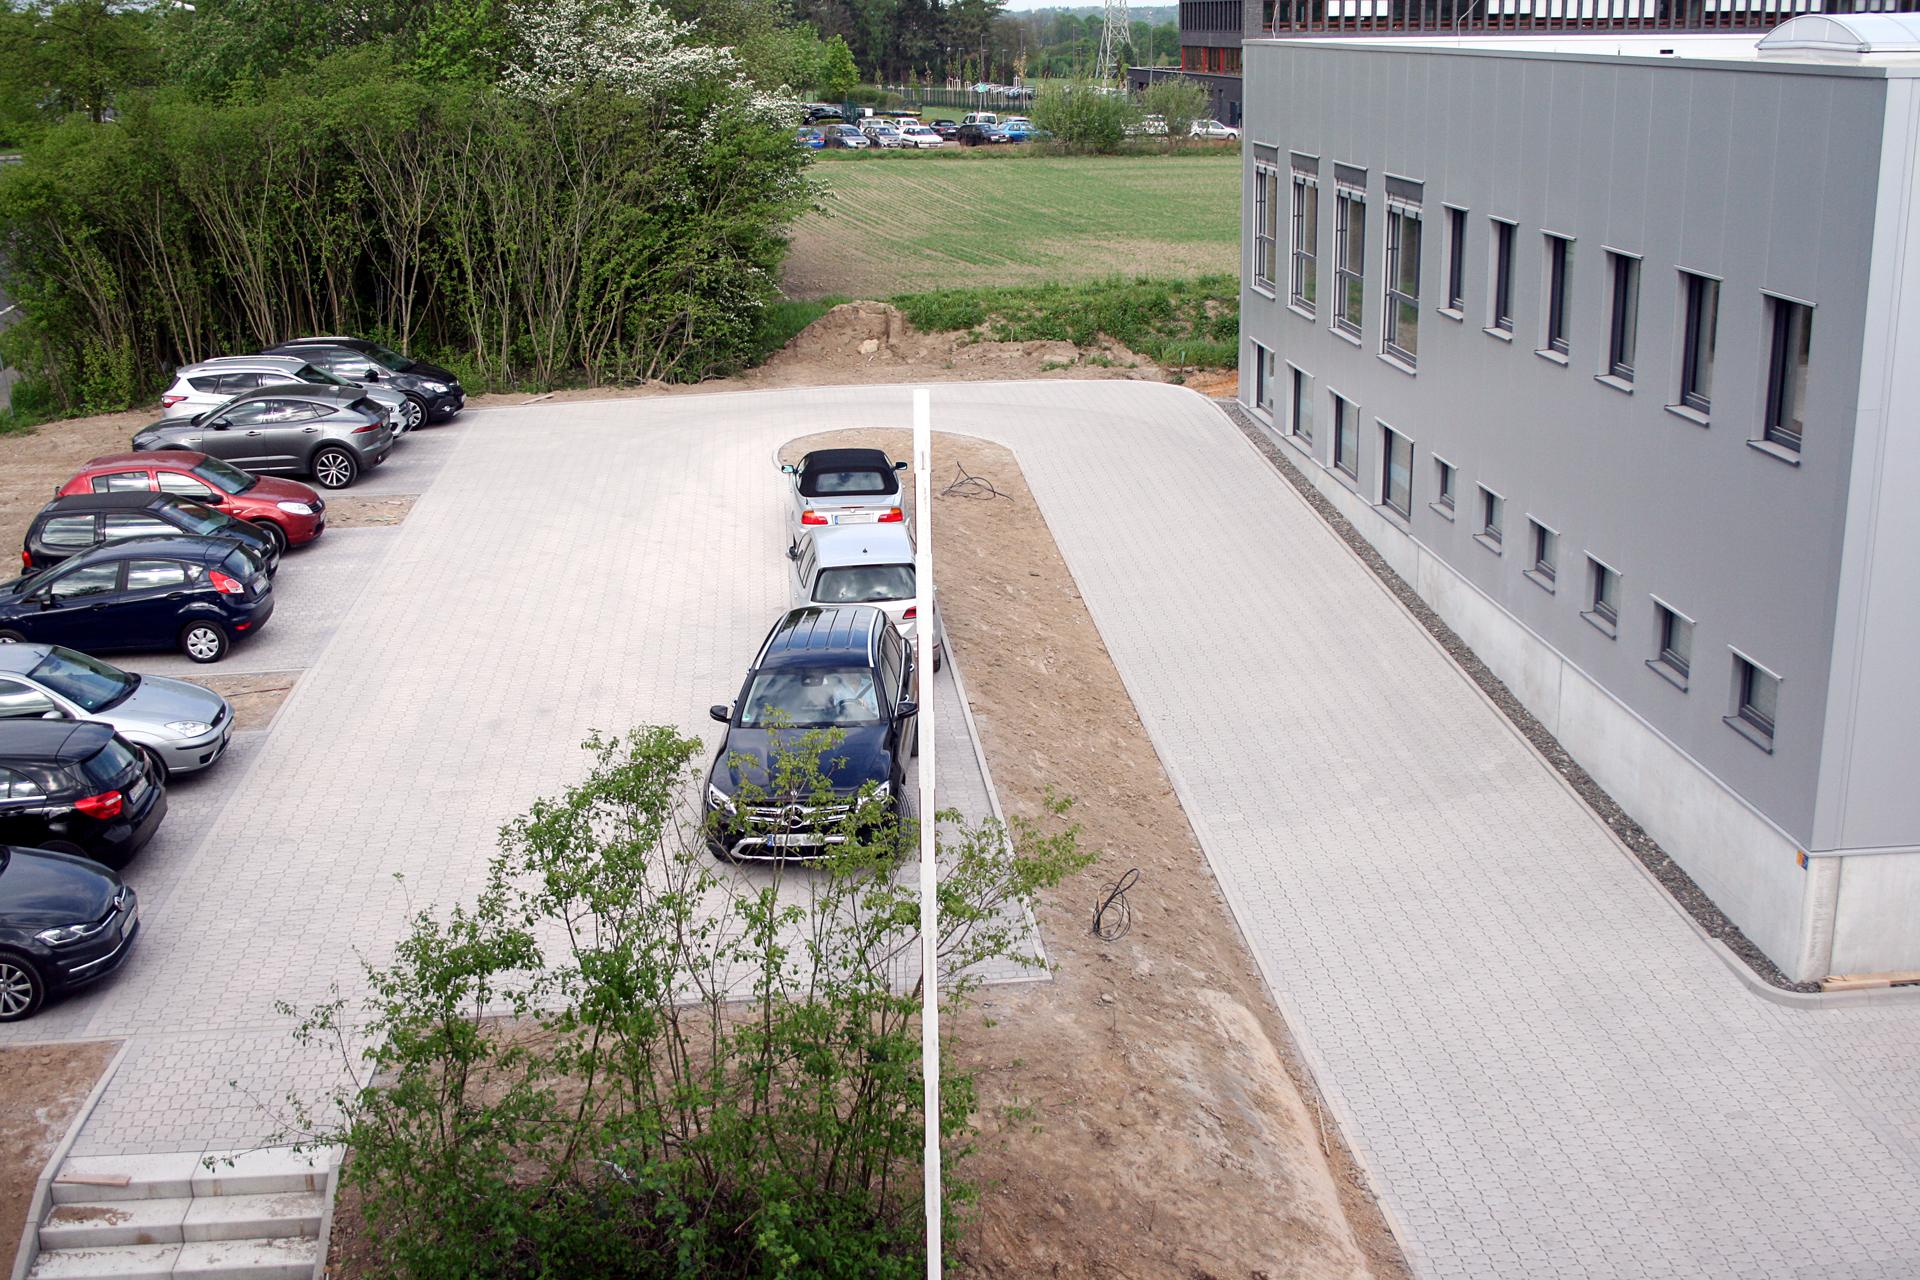 Bei der roTeg AG gibt es jetzt einen neuen großen Parkplatz